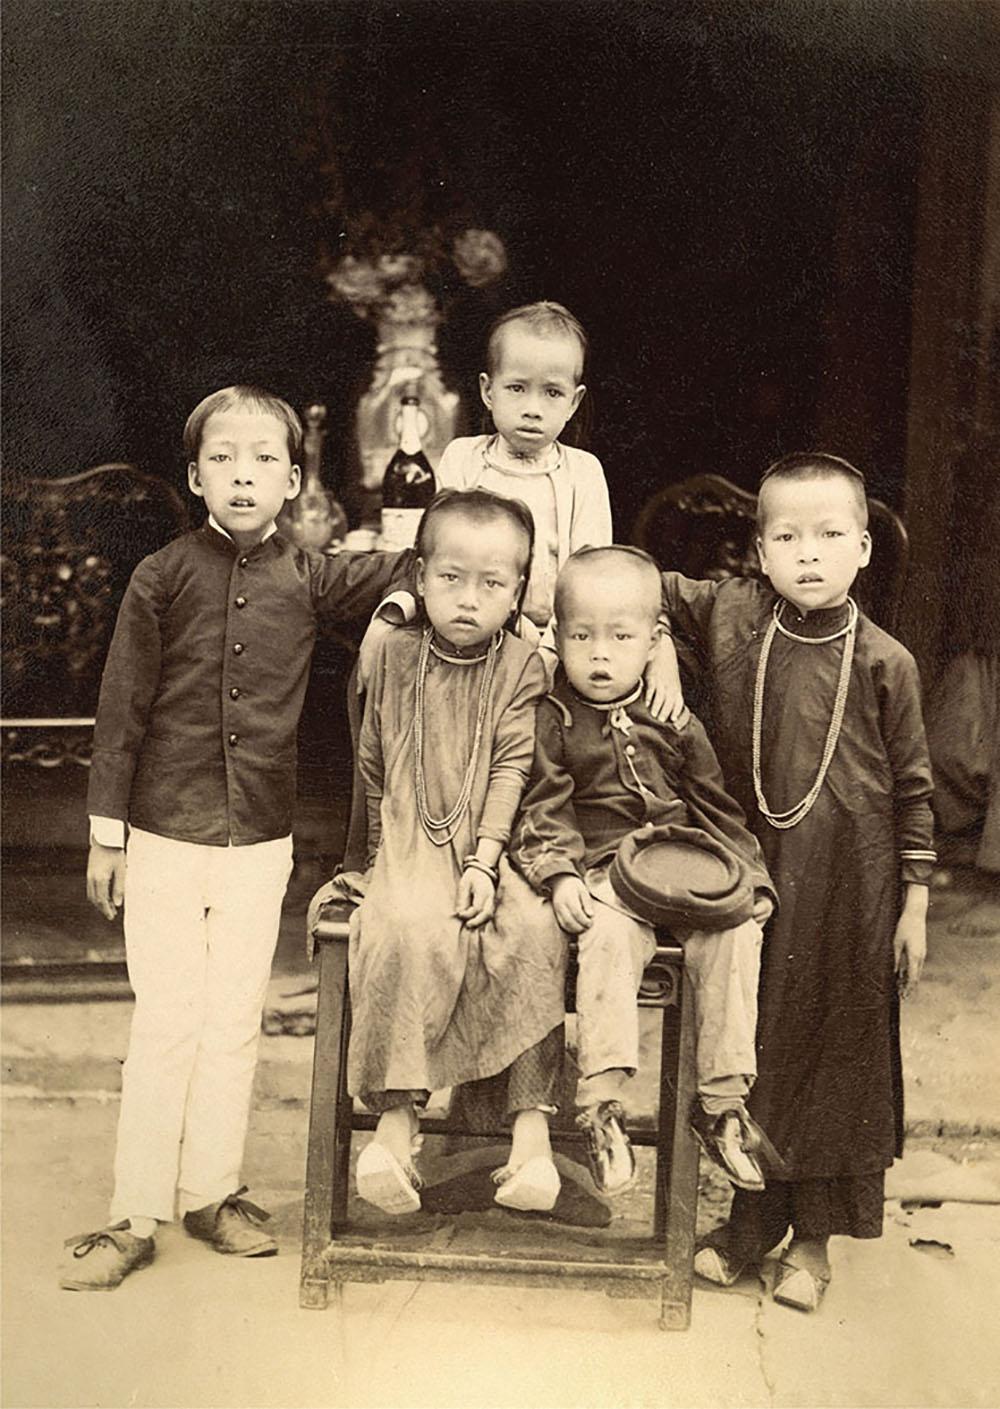 Trẻ em Việt Nam thập niên cuối thế kỷ 19 qua ống kính của Aurélien Pestel.